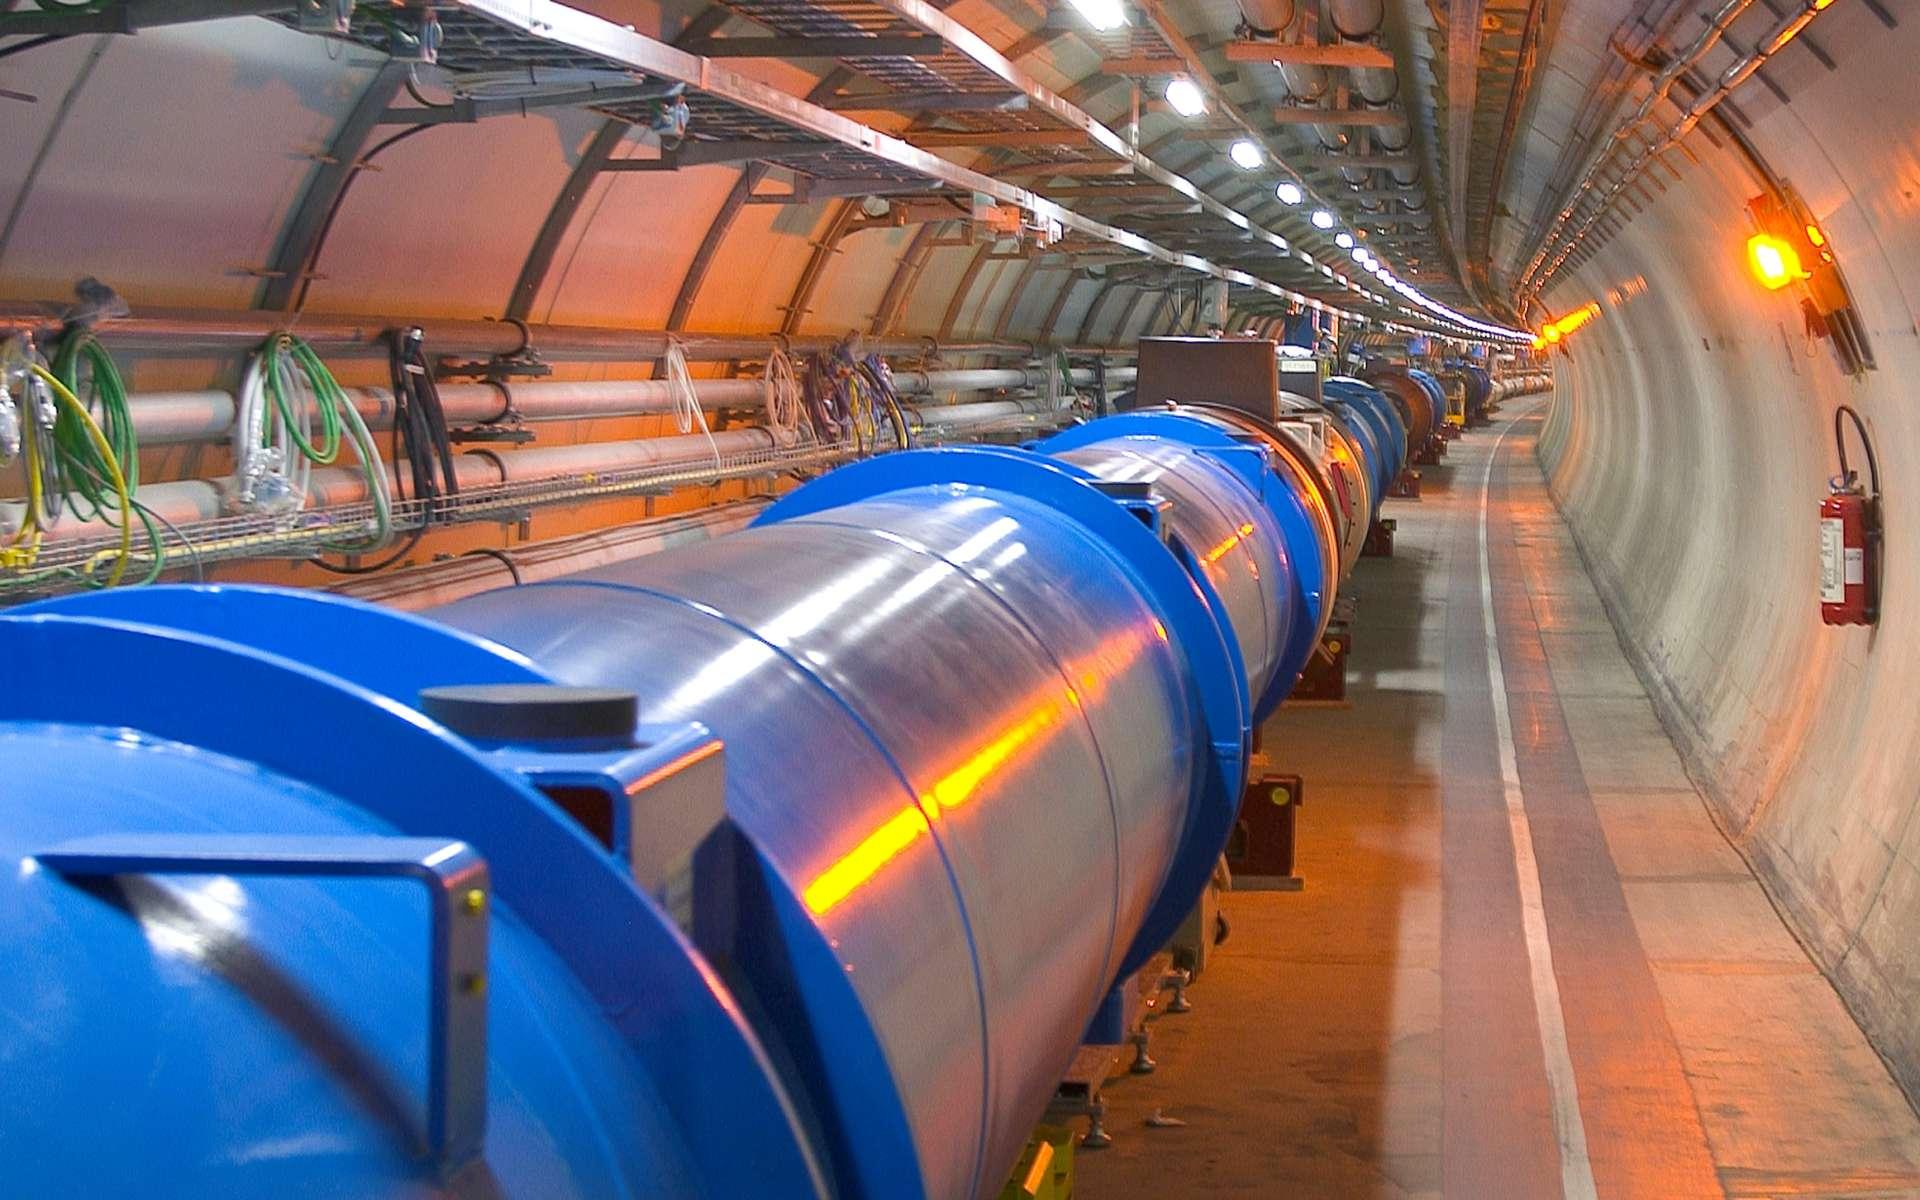 Une vue du tunnel de 27 kilomètres de circonférence où le LHC (le Grand Collisionneur de hadrons) fait circuler des protons presque à la vitesse de la lumière. Certains des phénomènes ayant eu lieu pendant le Big Bang y sont reproduits lors de collisions. © Cern